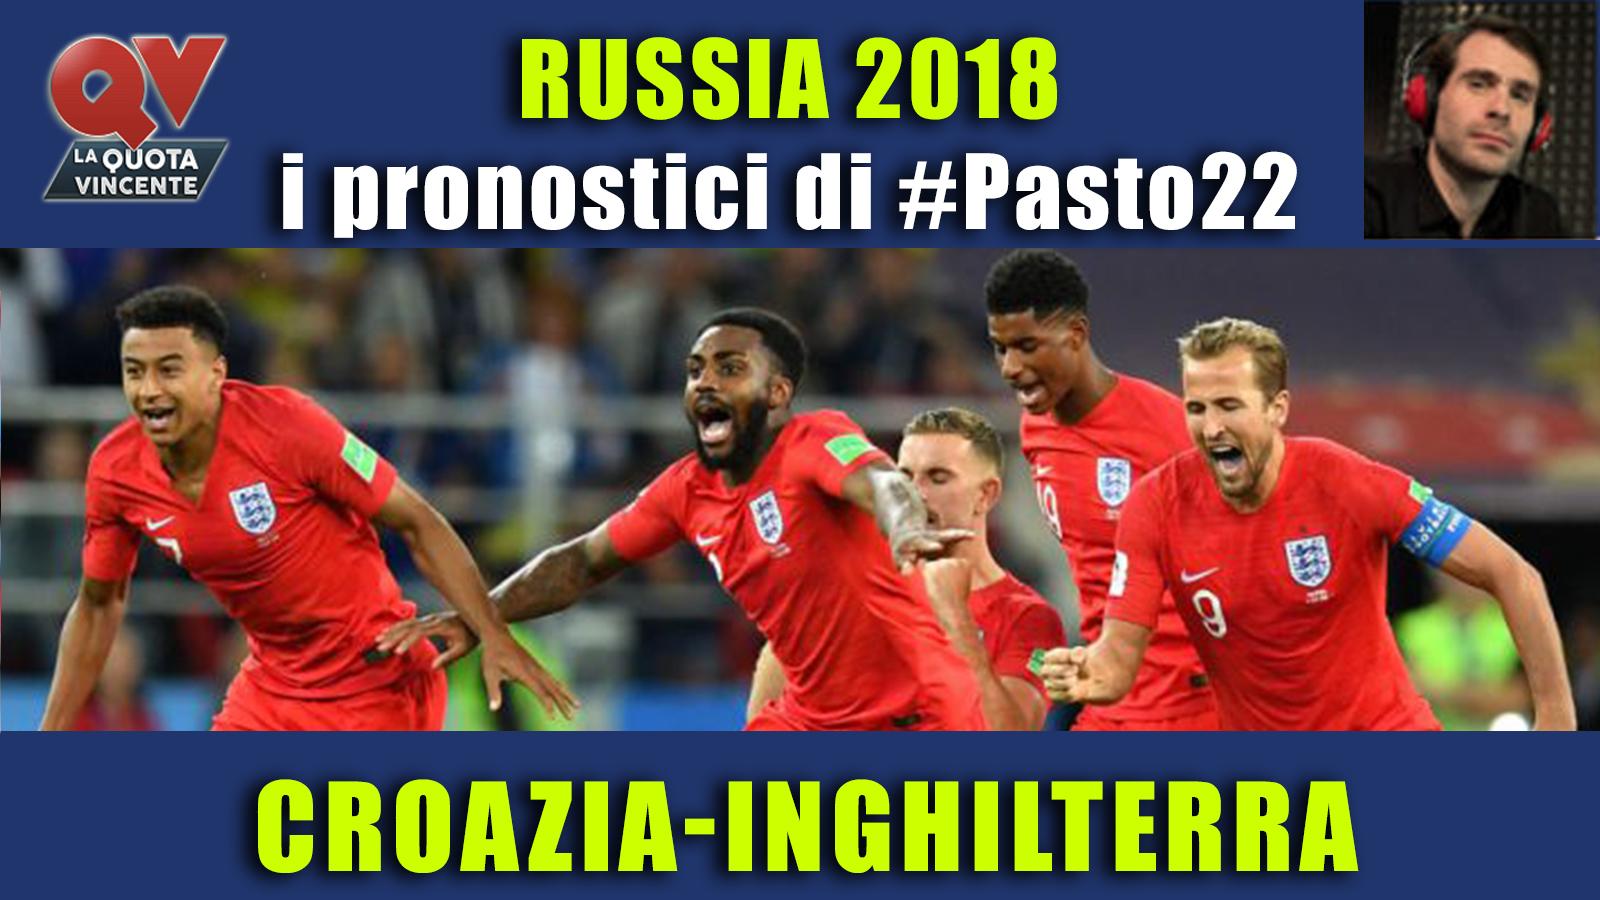 Pronostici Mondiali 11 luglio: le dritte di #Pasto22 a Russia 2018